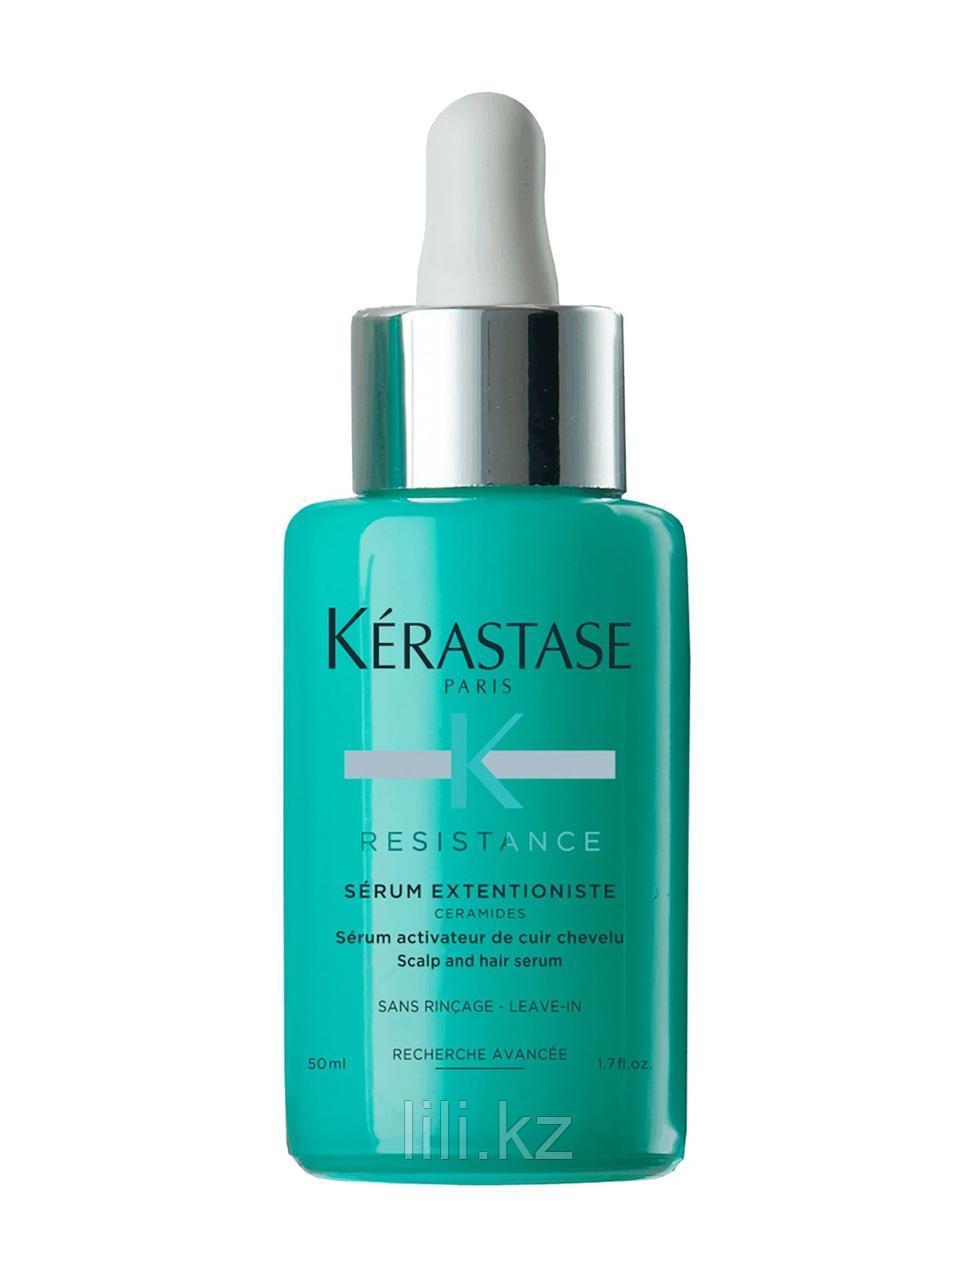 Сыворотка для восстановления поврежденных и ослабленных волос Kerastase Resistance Extentioniste Serum 50 мл.